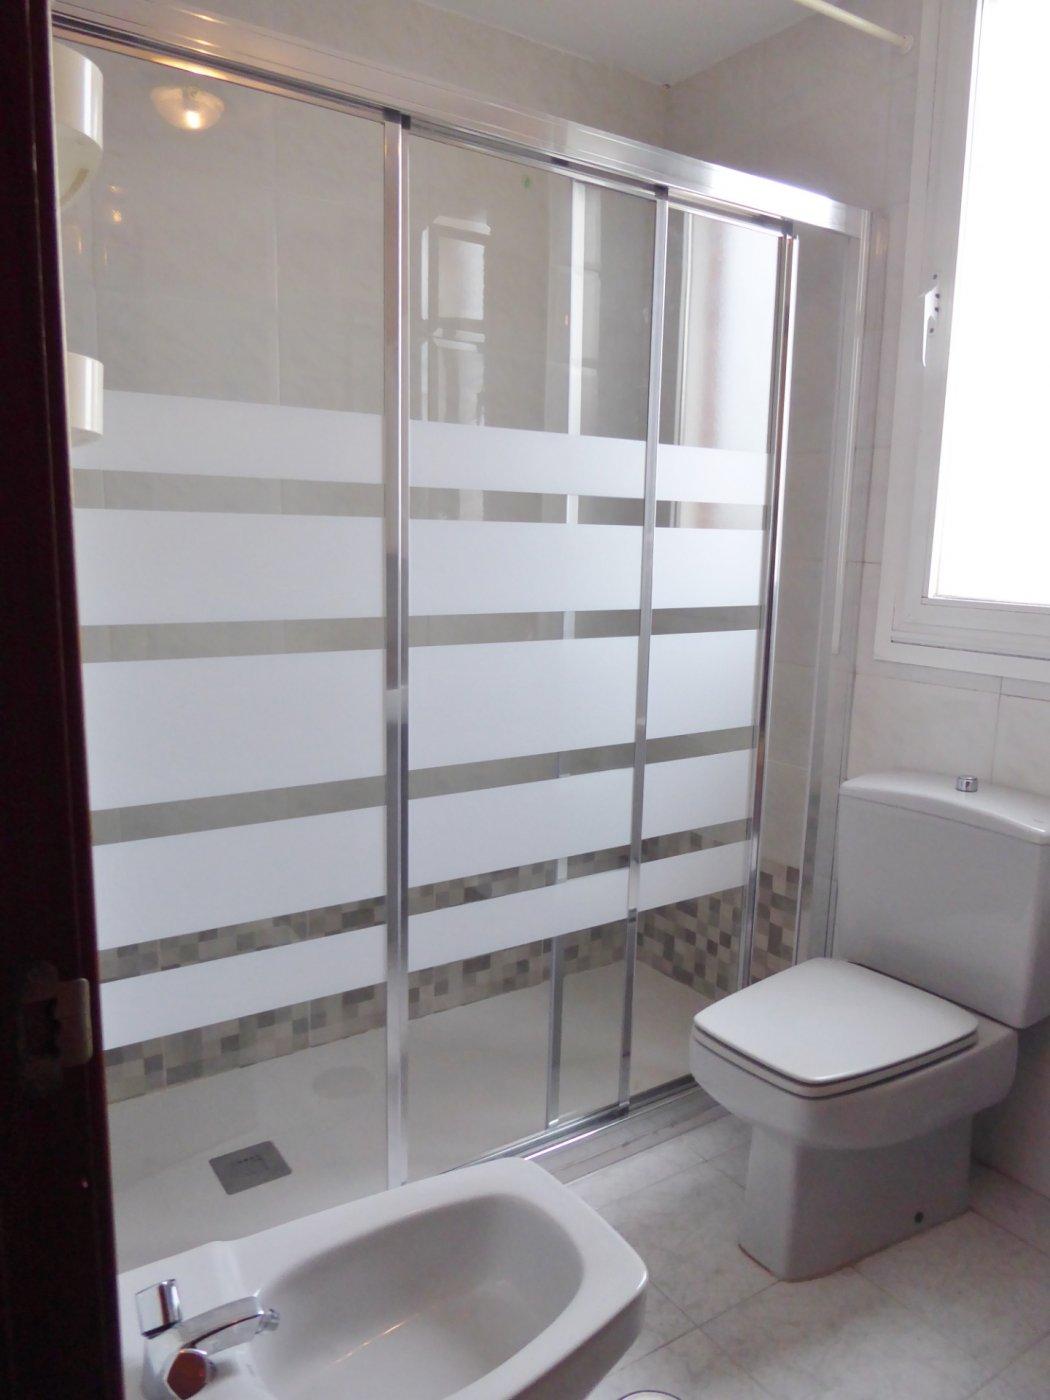 Alquiler de piso en gijon - imagenInmueble21